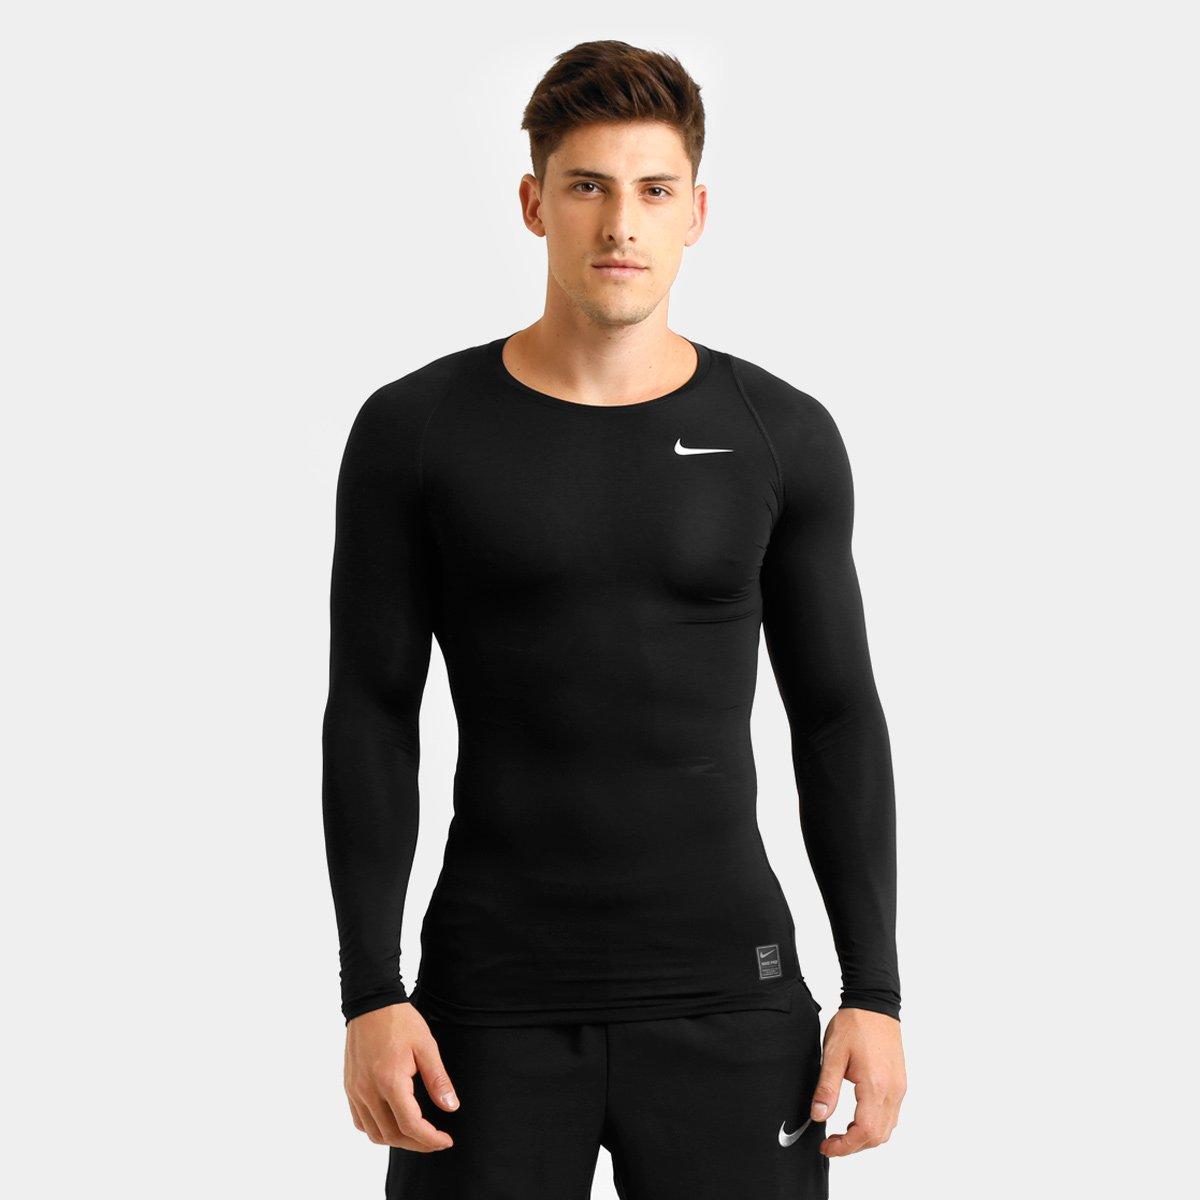 ... Camiseta de Compressão Nike Pro Cool Manga Longa Masculina - Compre ...  ad782a610e7829 ... d0da24e451bf3